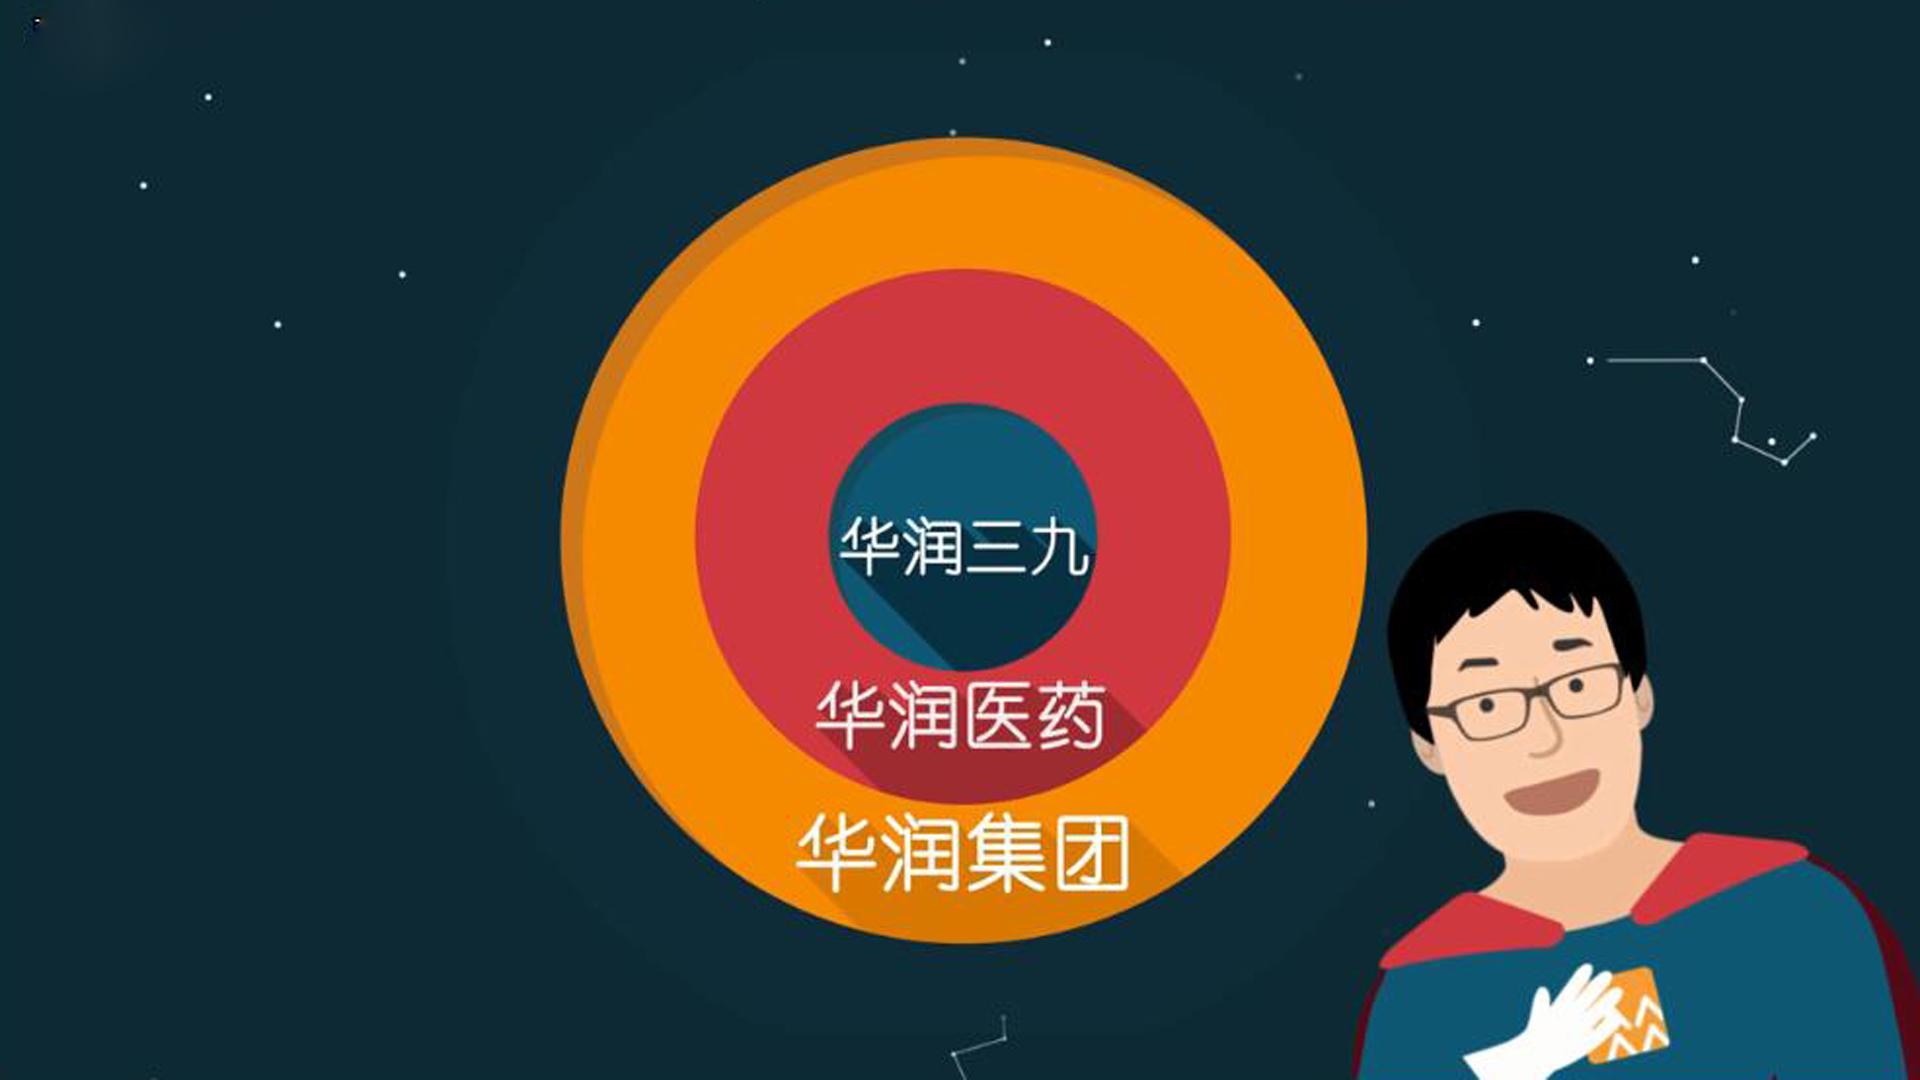 华润医药 - 999乐天堂国际